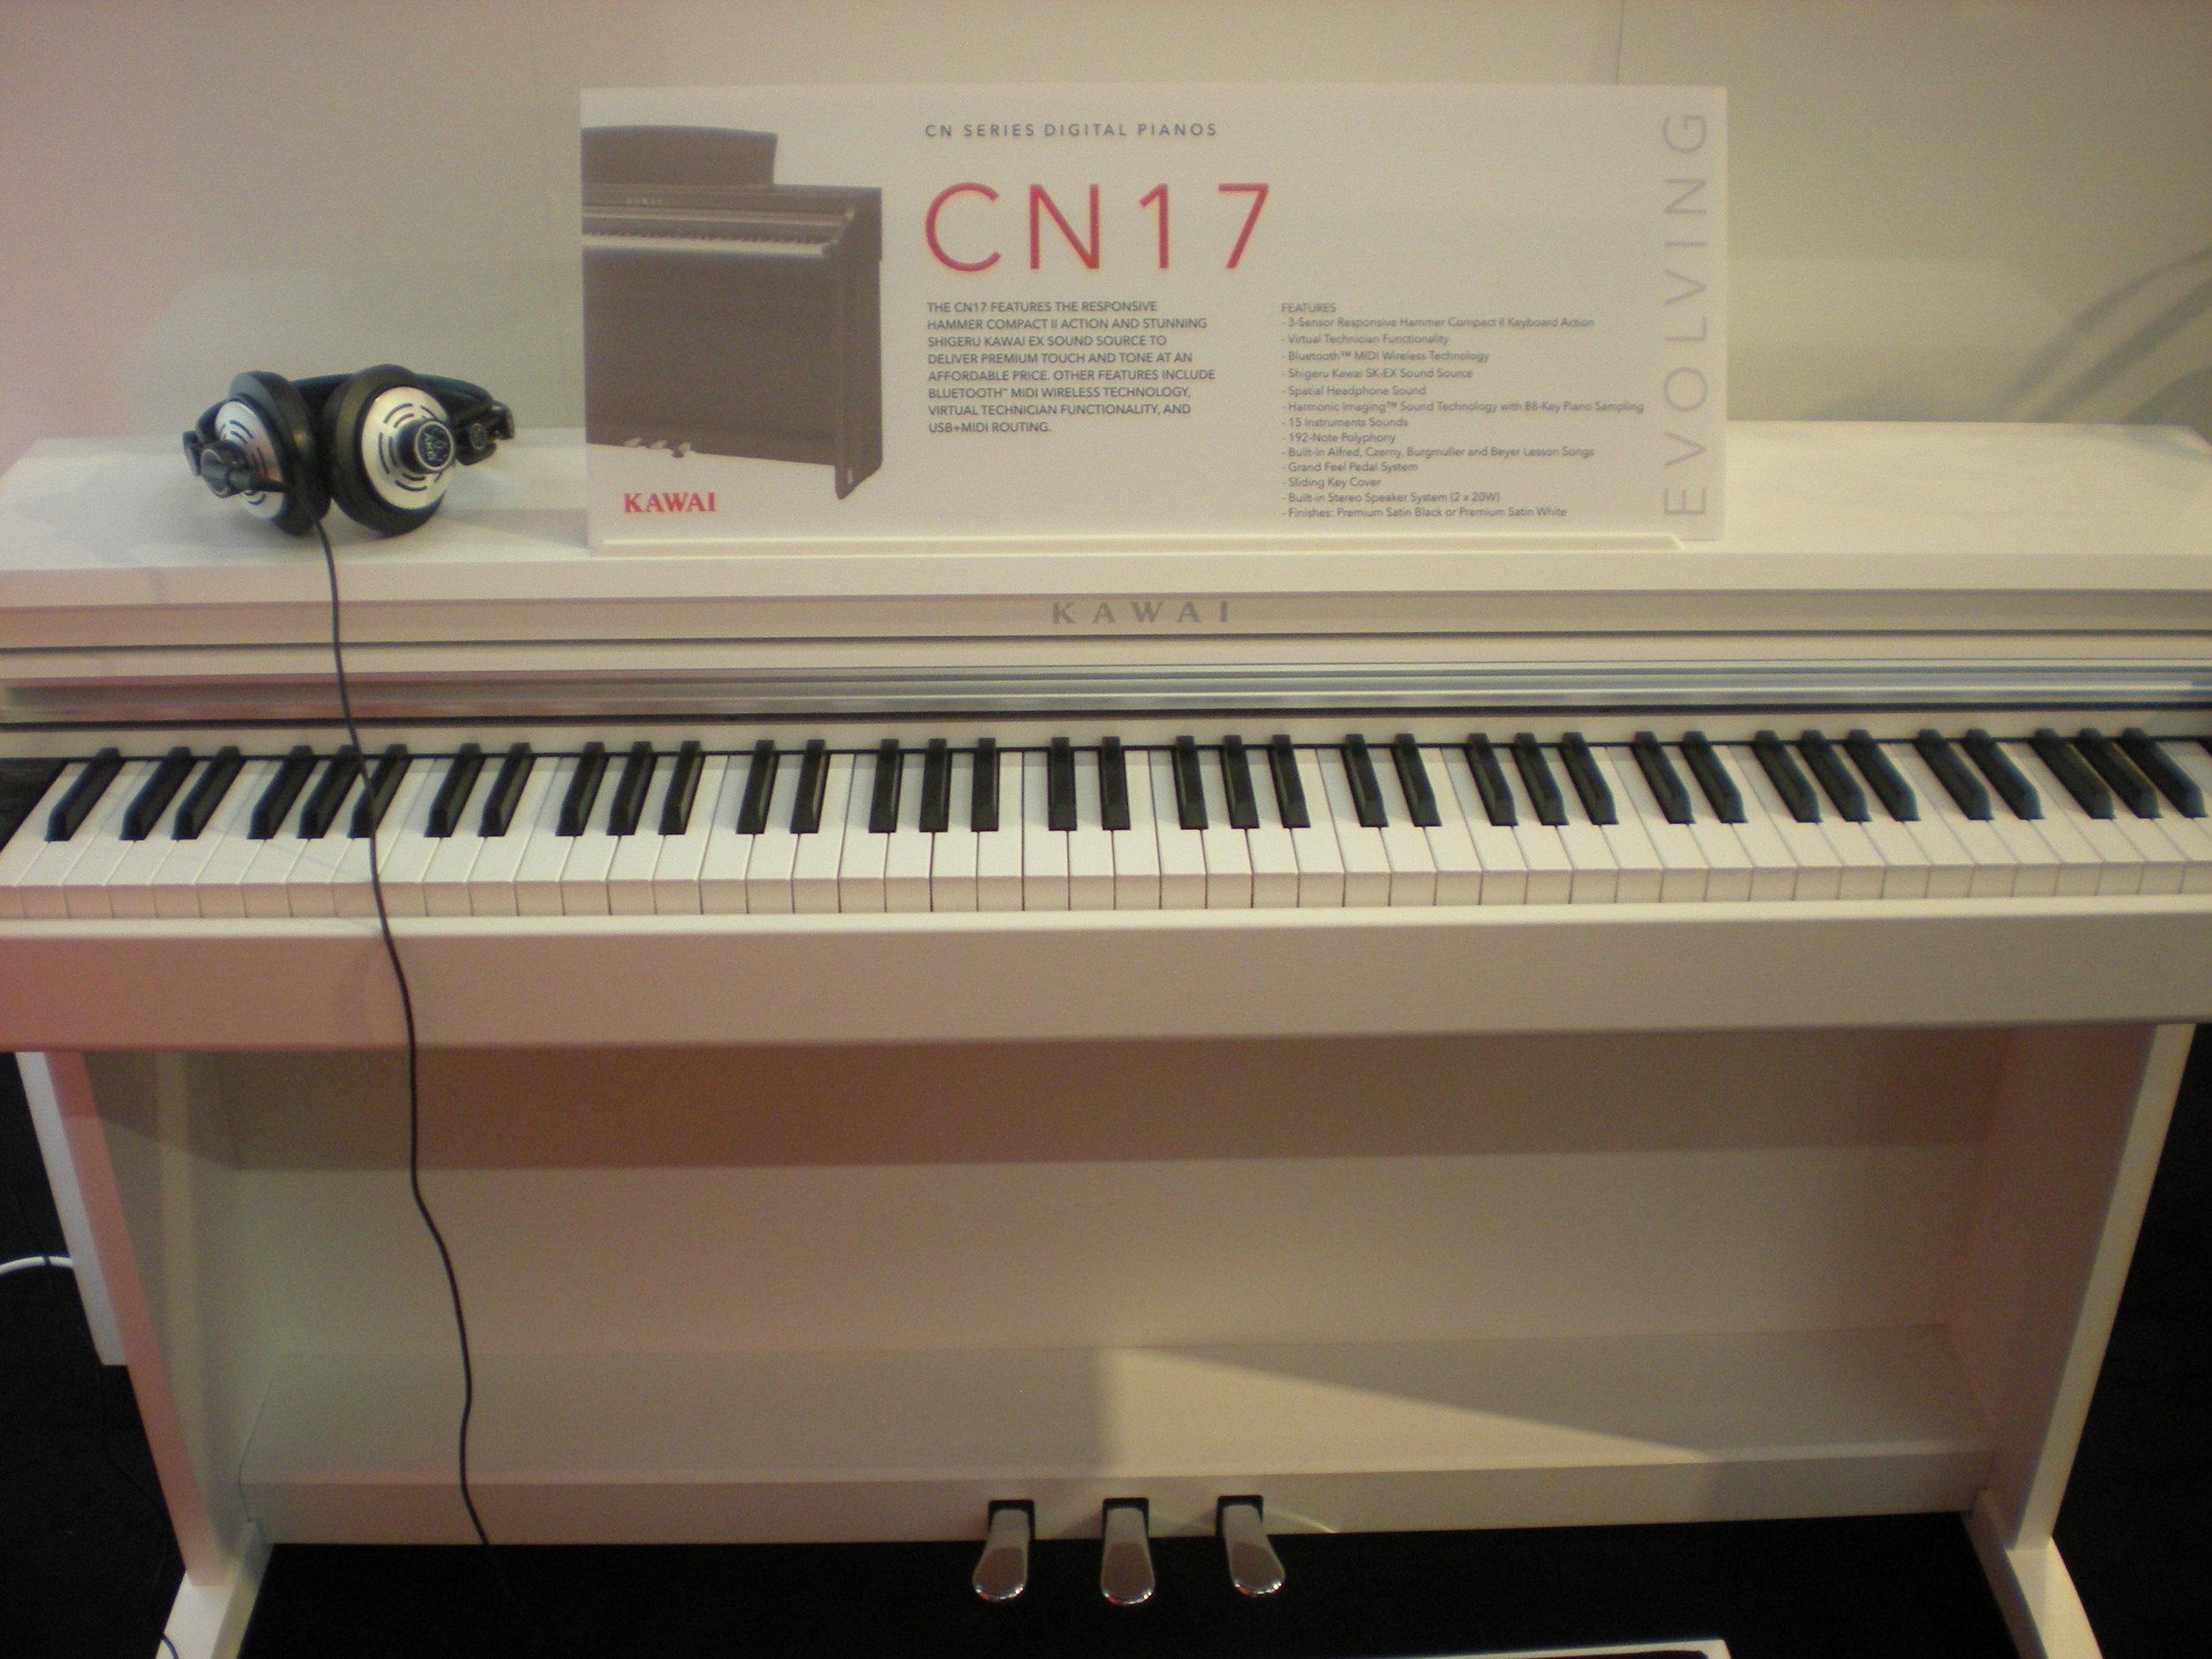 Kawai CN17